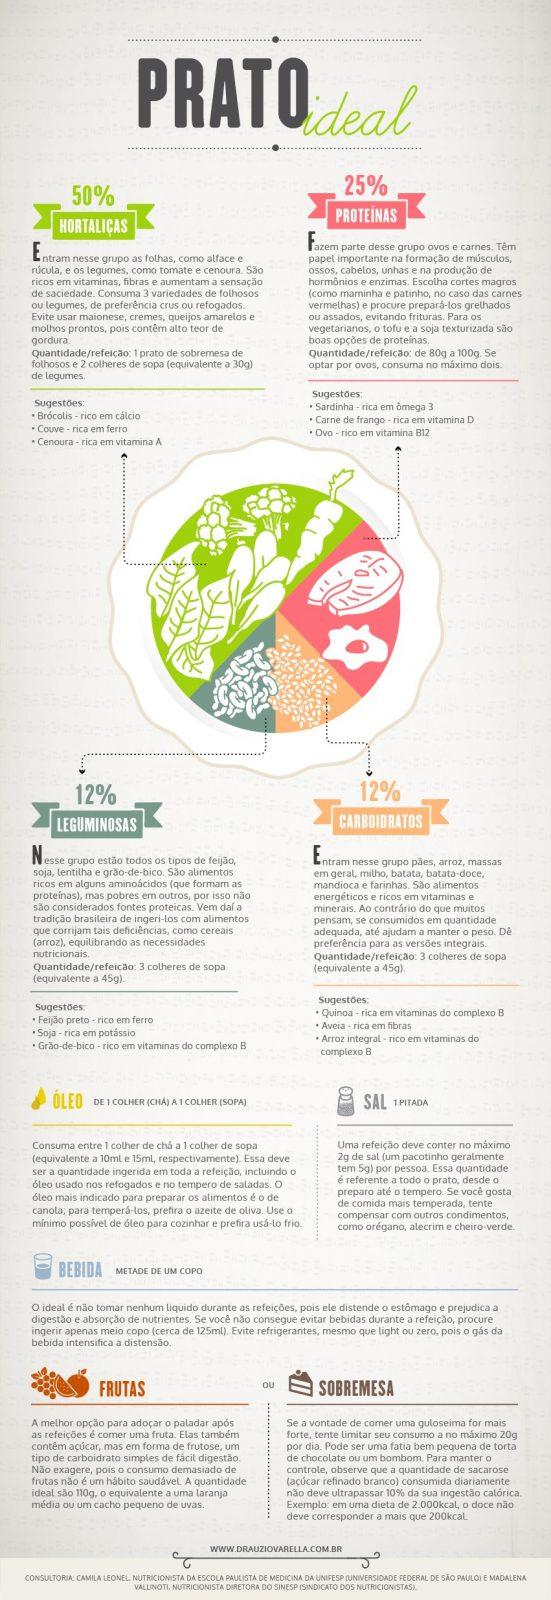 Veja como montar um prato ideal | Infográfico | Drauzio Varella ...